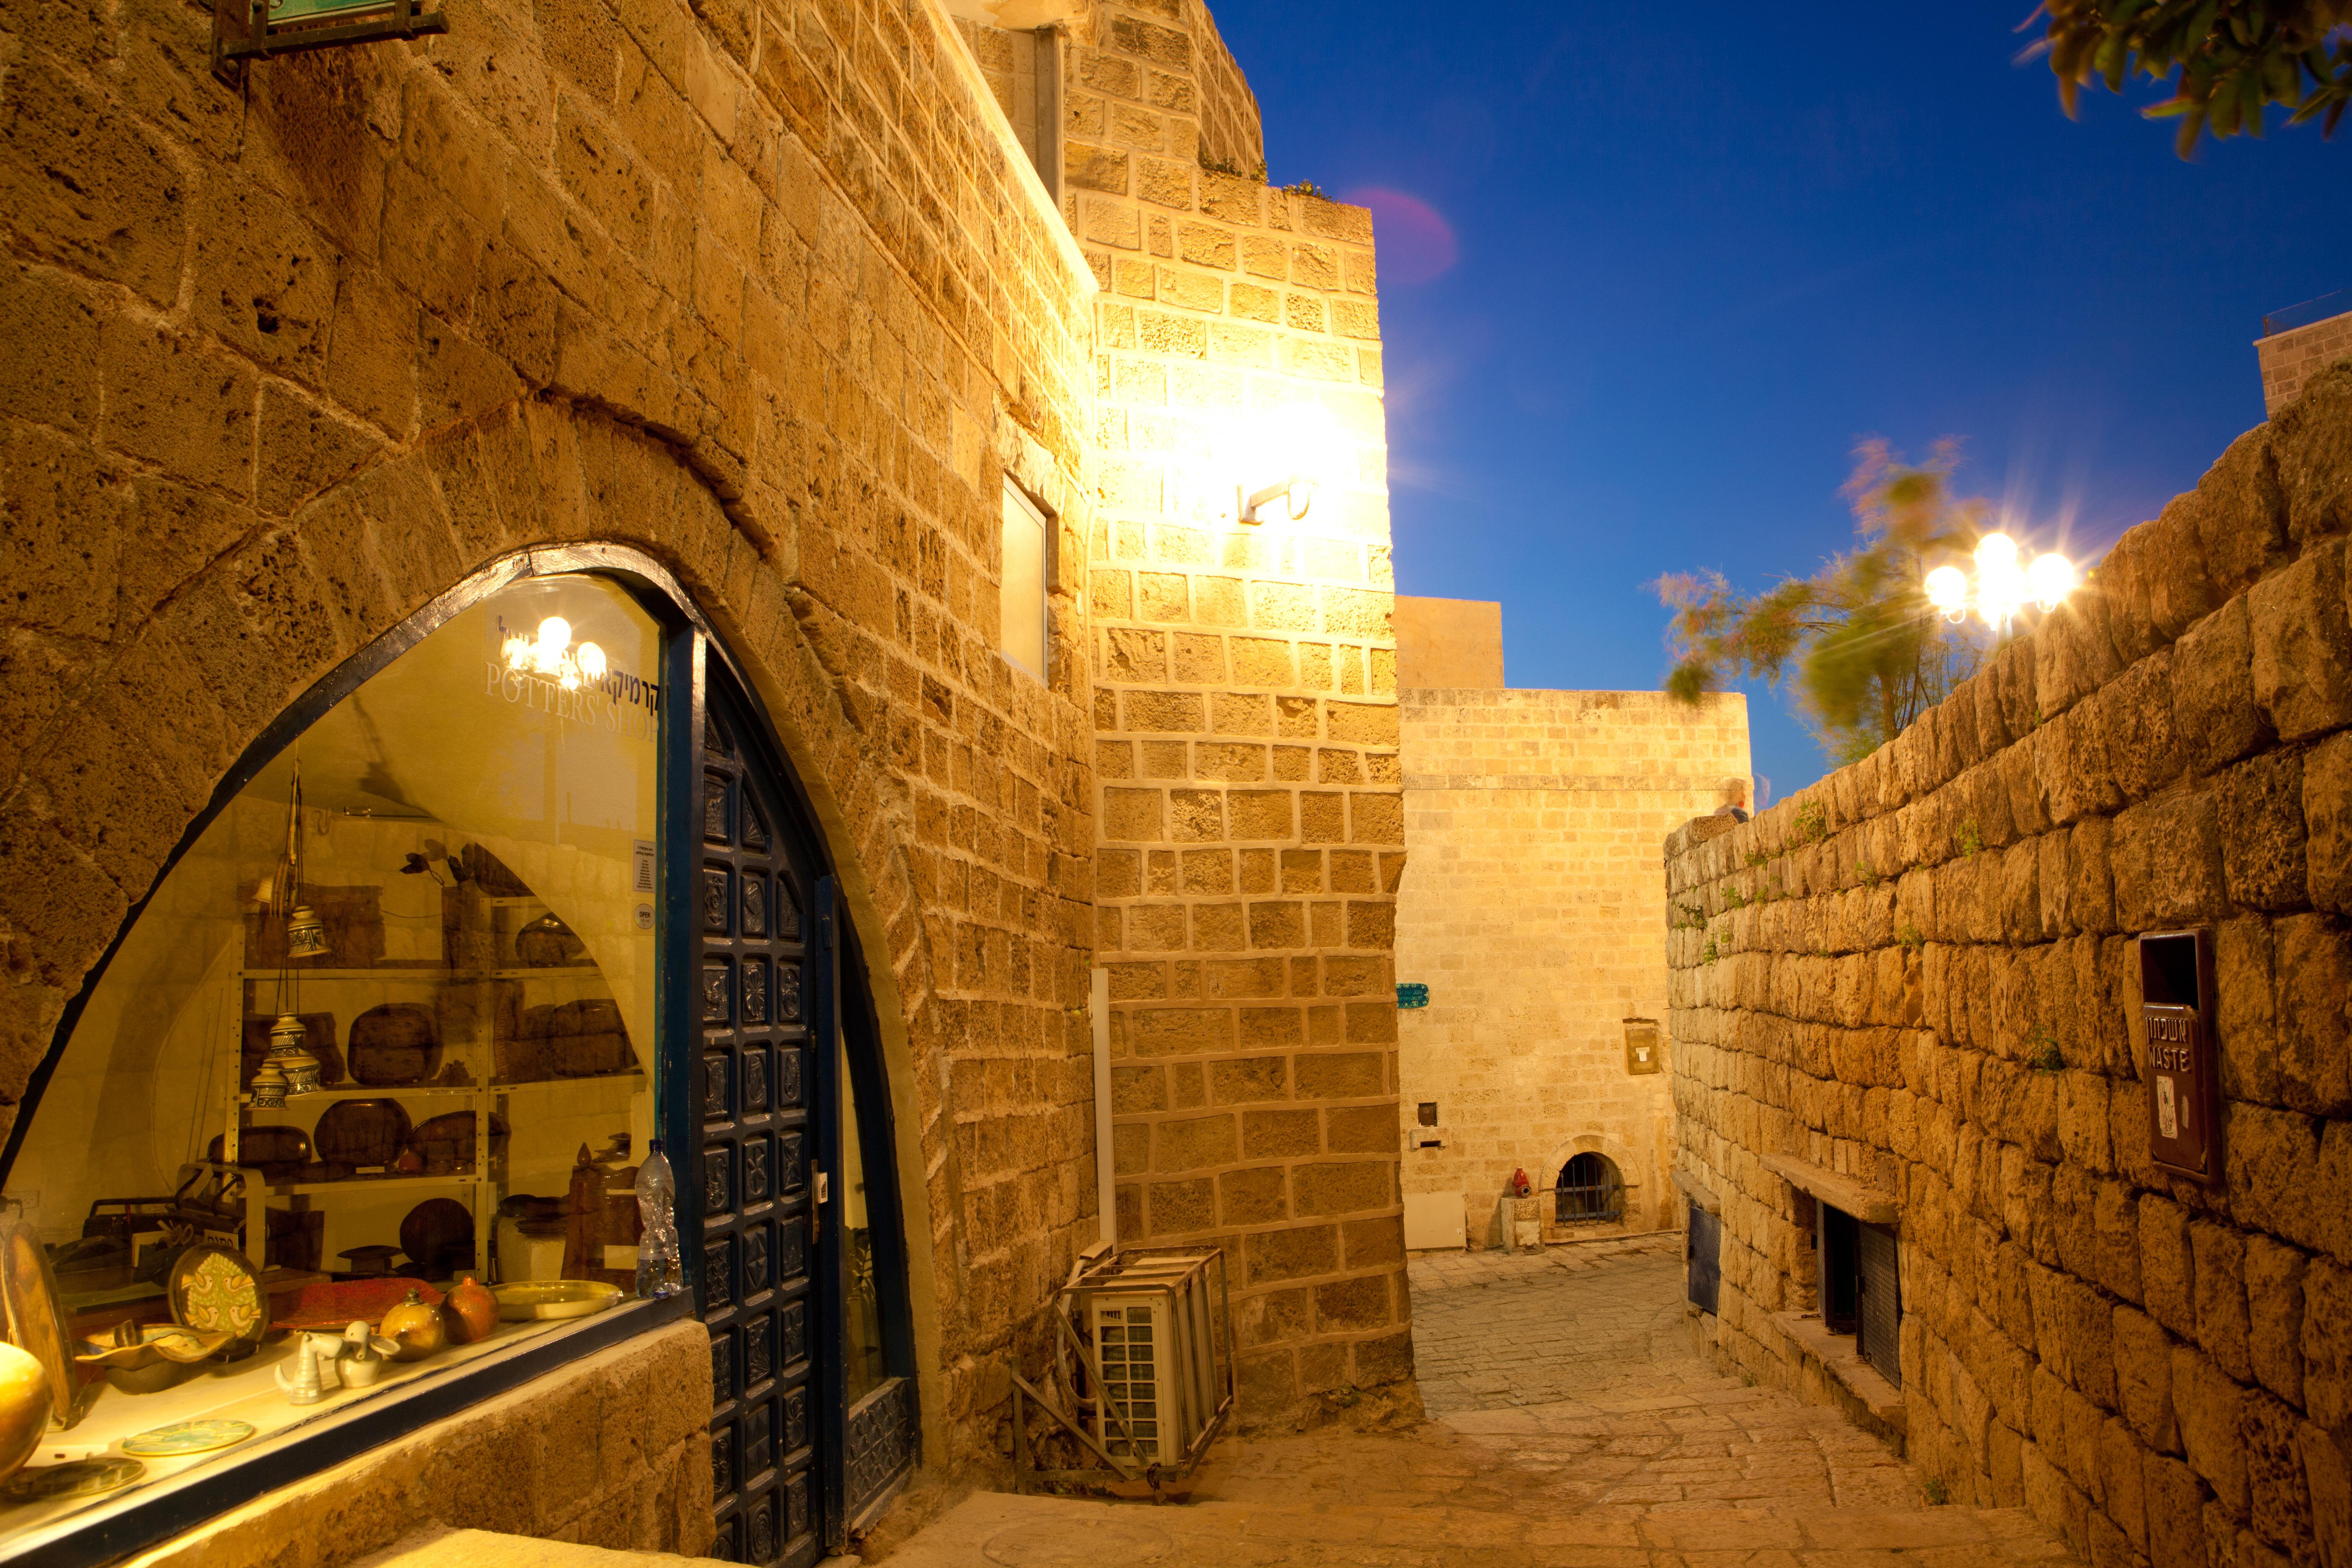 Jaffa_ Alley in Old Jaffa_Dana Friedlander